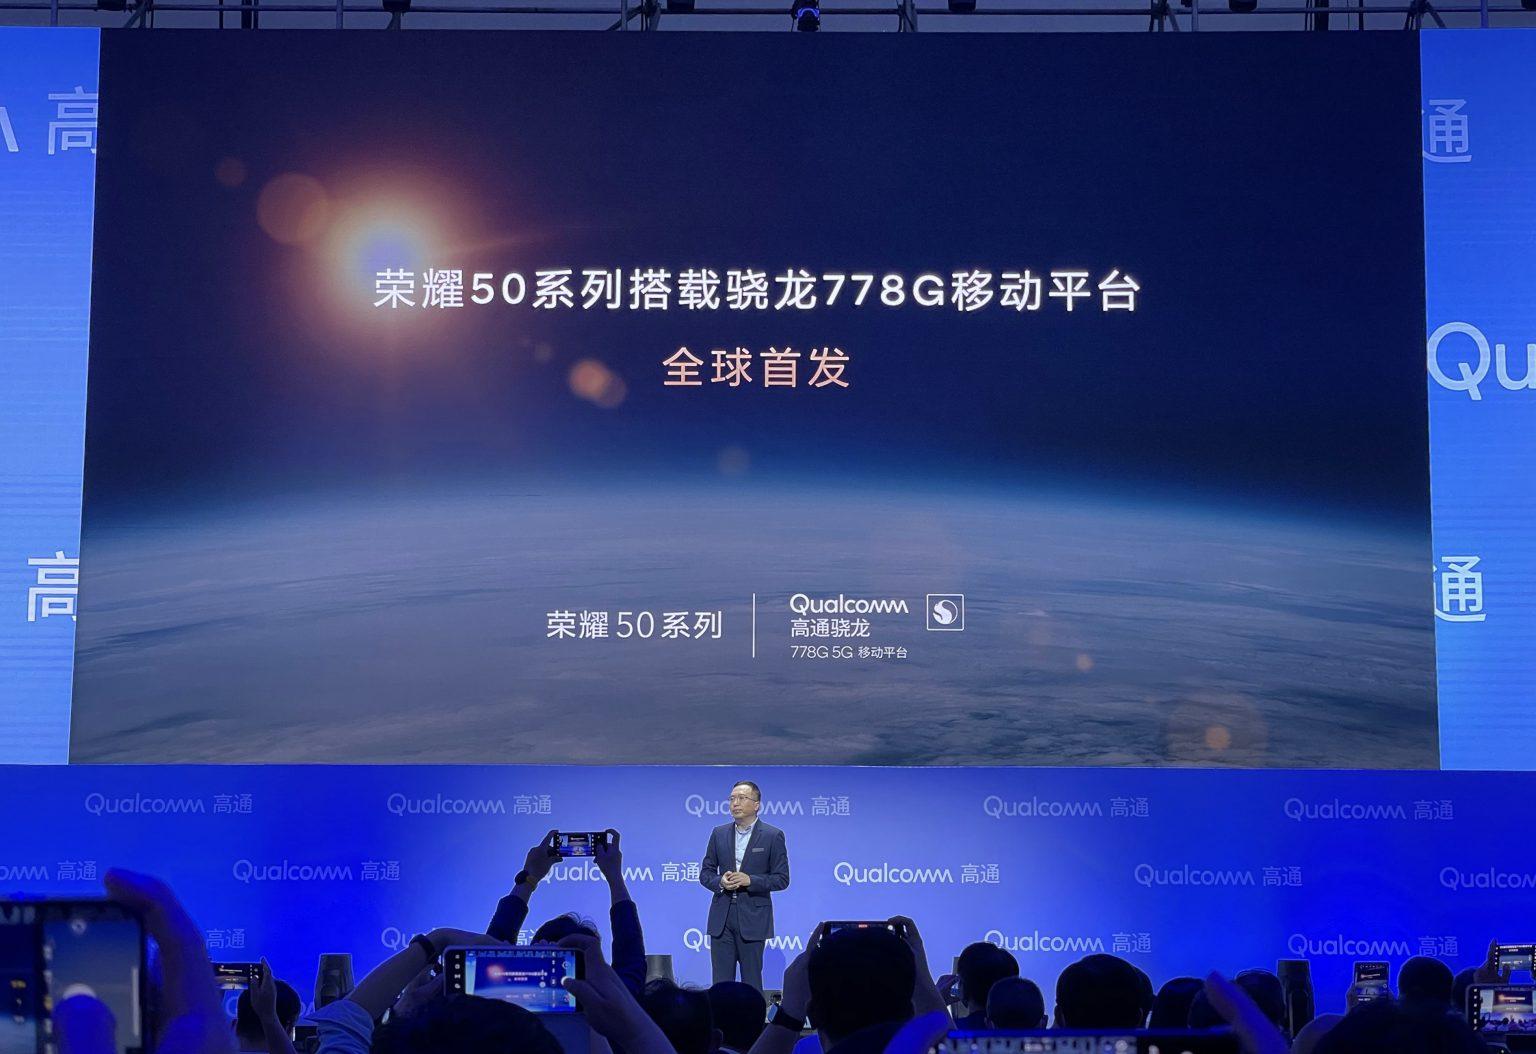 ايفون اس اي 2021 بميزة خطيرة | نظام هارموني رسميًا للمنافسة | هذا هو أغرب هاتف من شاومي